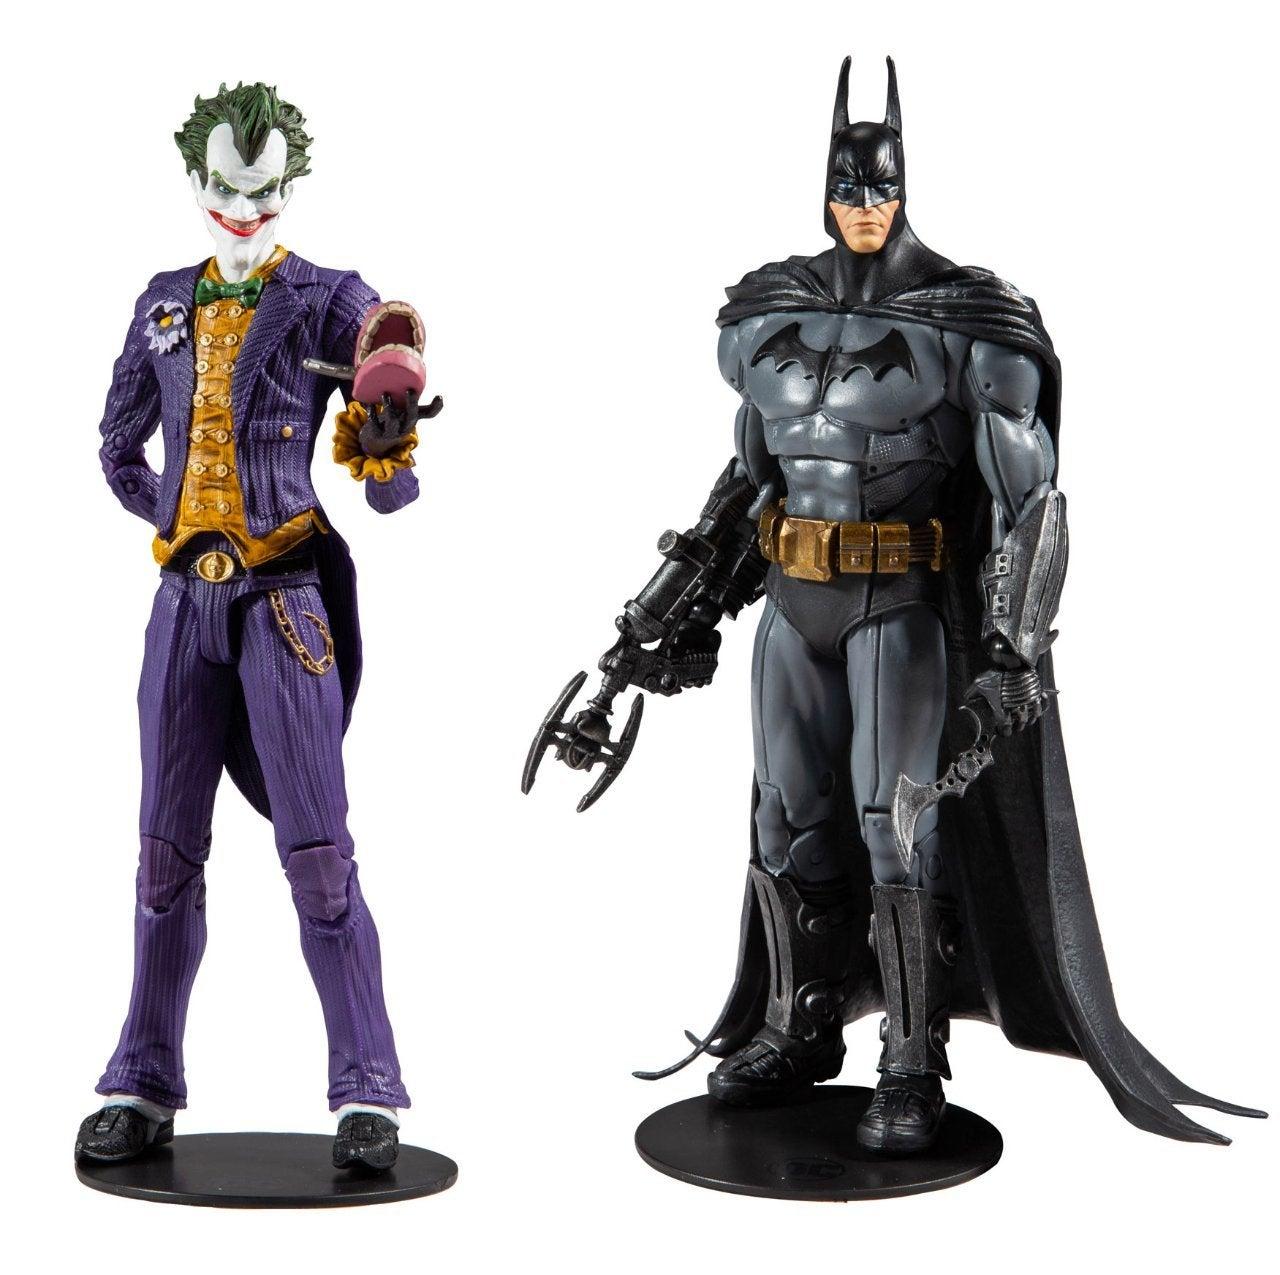 mcfarlane-toys-batman-and-joker-arkham-asylum-figures